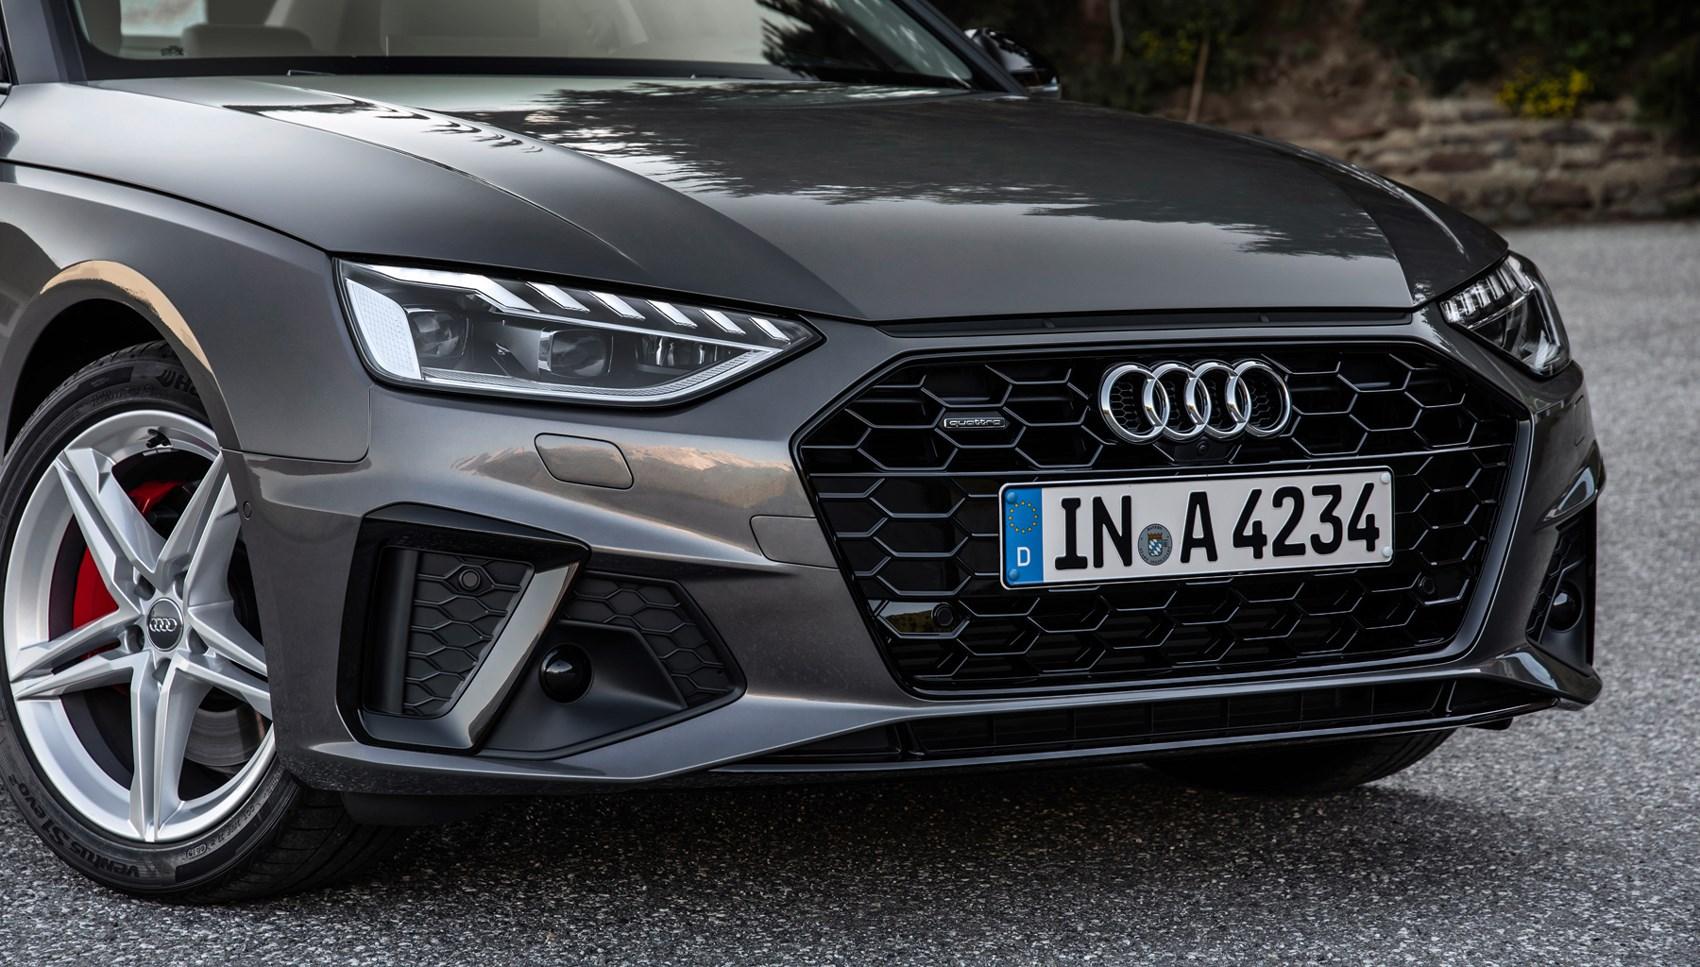 Audi A4 front end